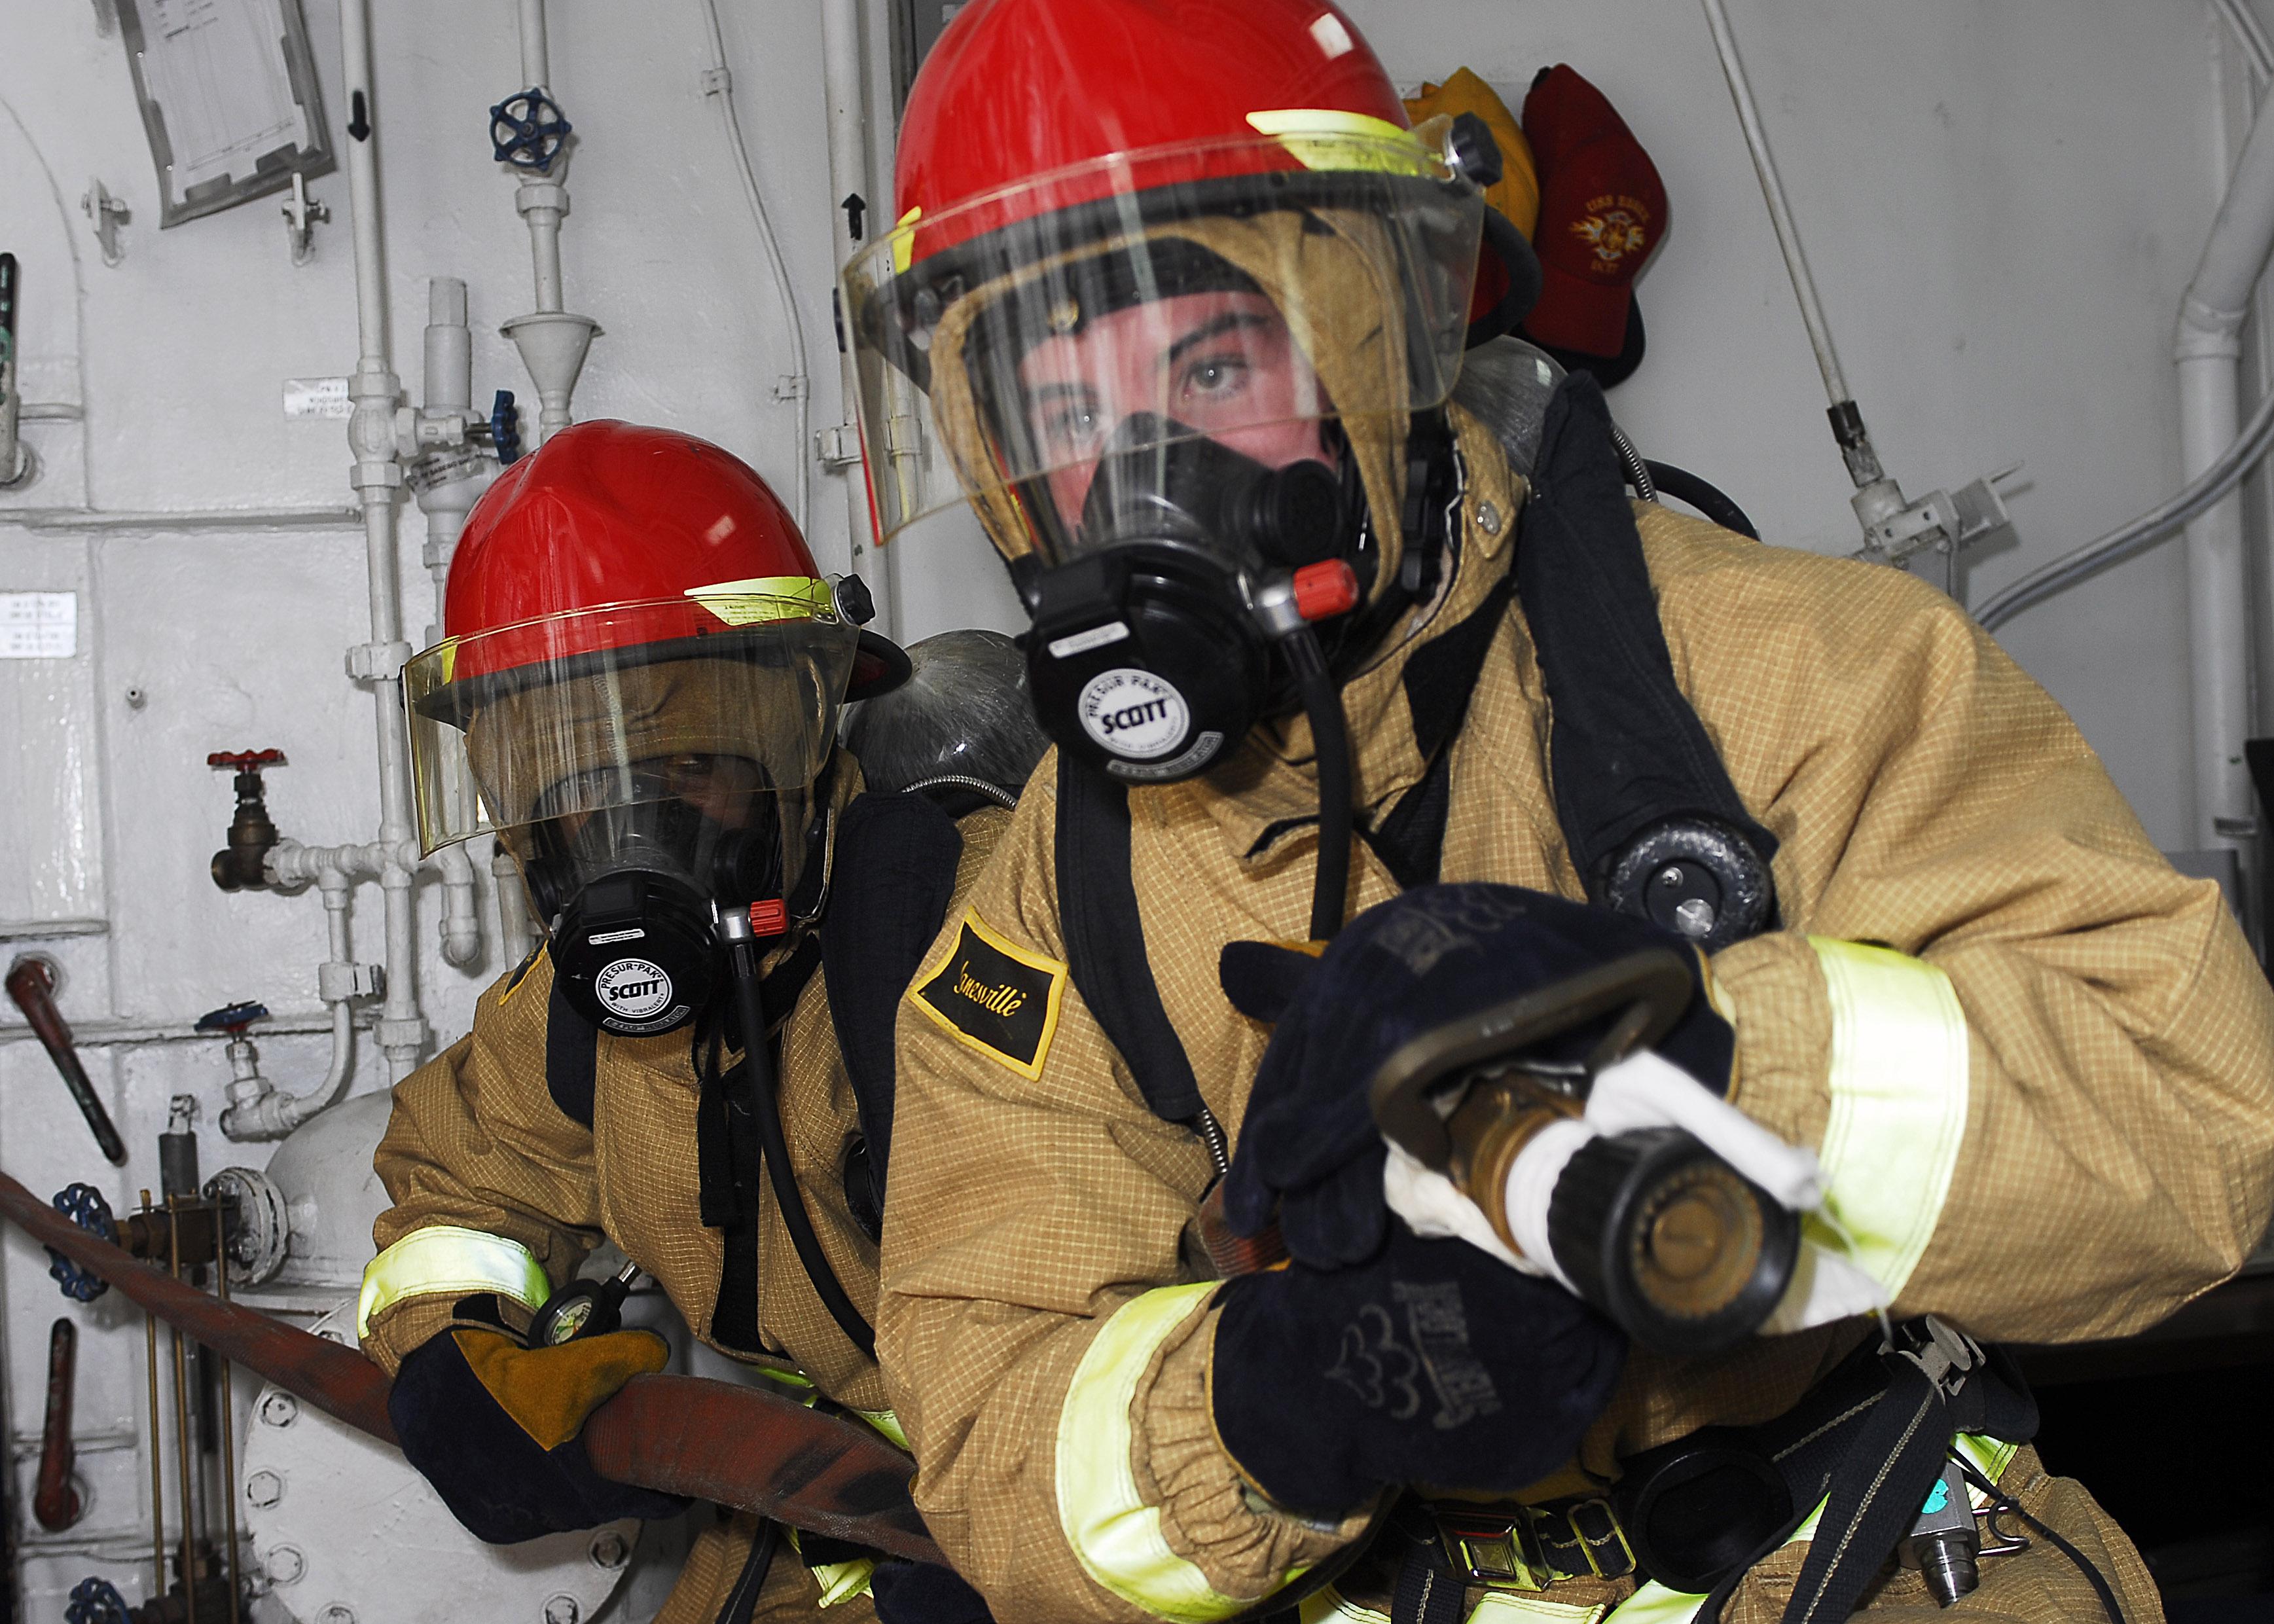 Lính cứu hỏa đeo mặt nạ phòng độc giải cứu người...5 năm không tắm